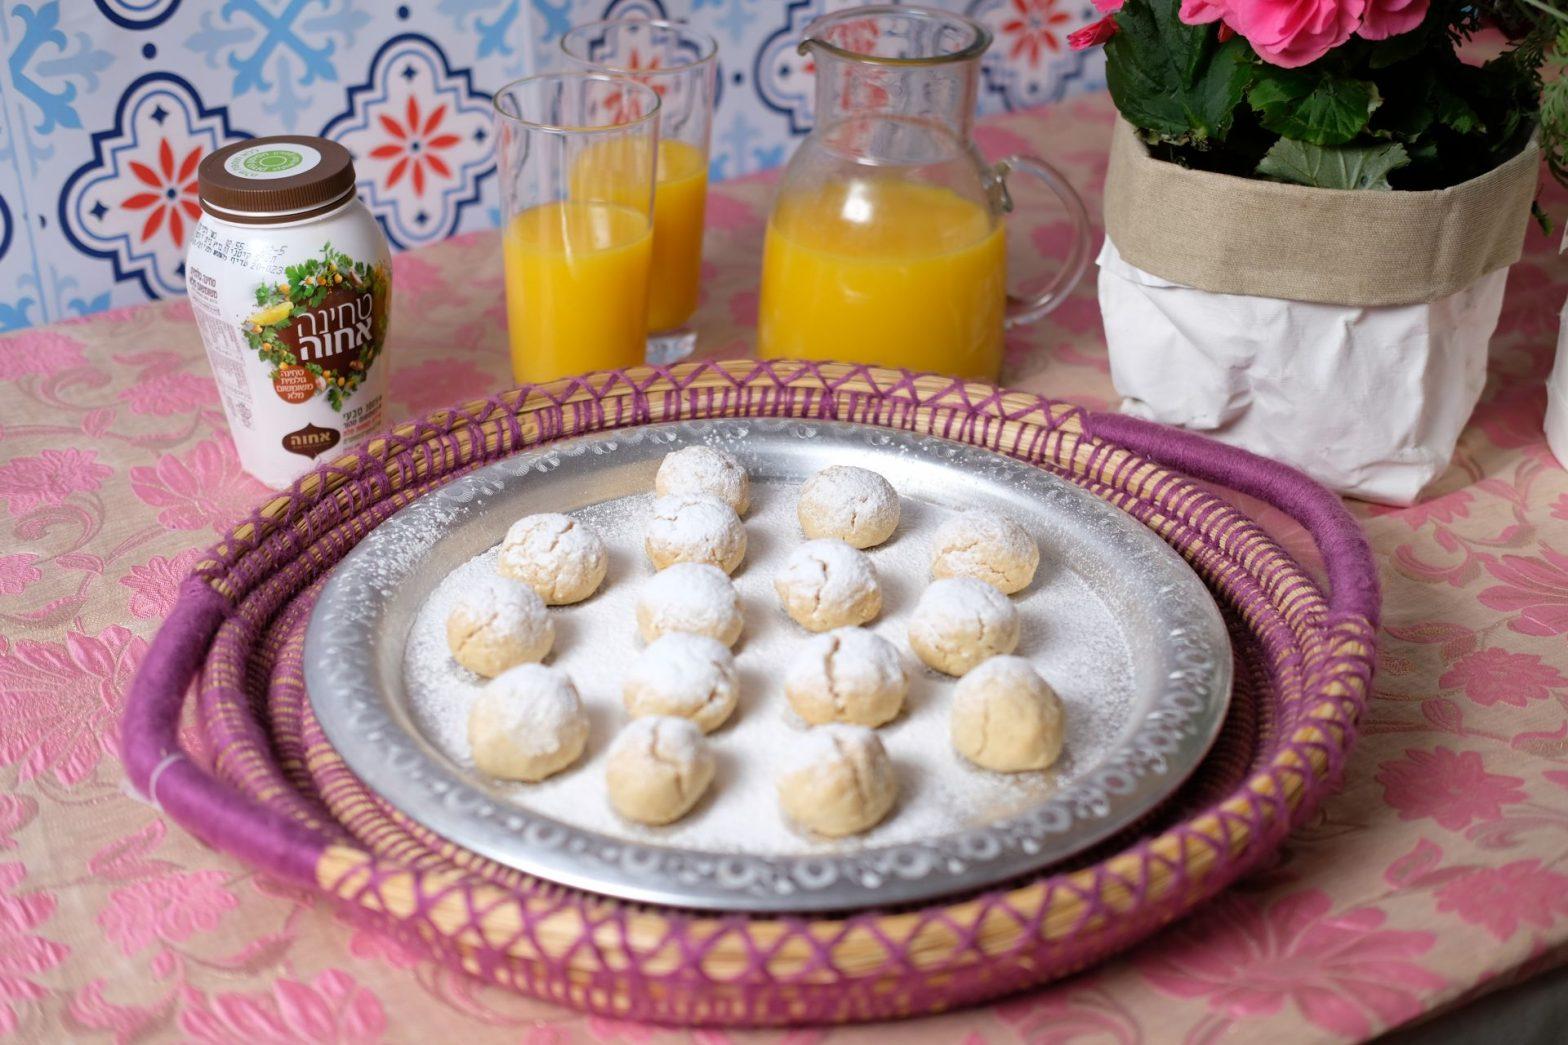 עוגיות טחינה של רוני מנדלמן עם ג'קי אזולאי